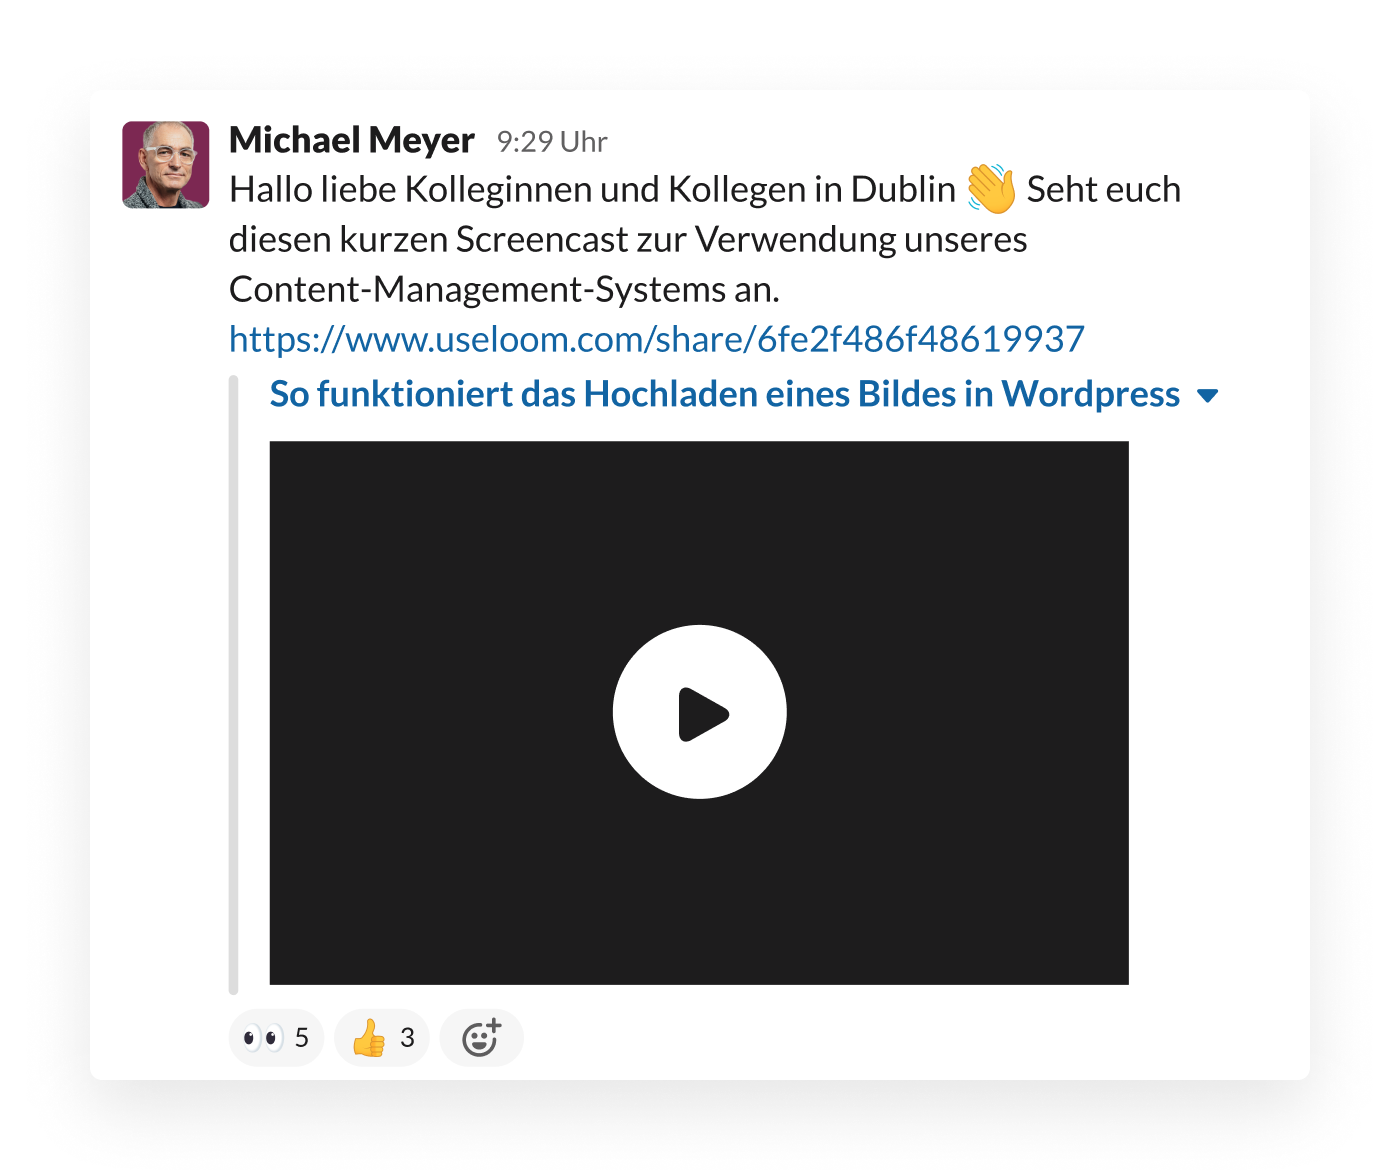 Ein Mitarbeiter teilt ein Loom-Video in Slack, um zu demonstrieren, wie man das Content-Management-System des Projekt-Teams verwendet